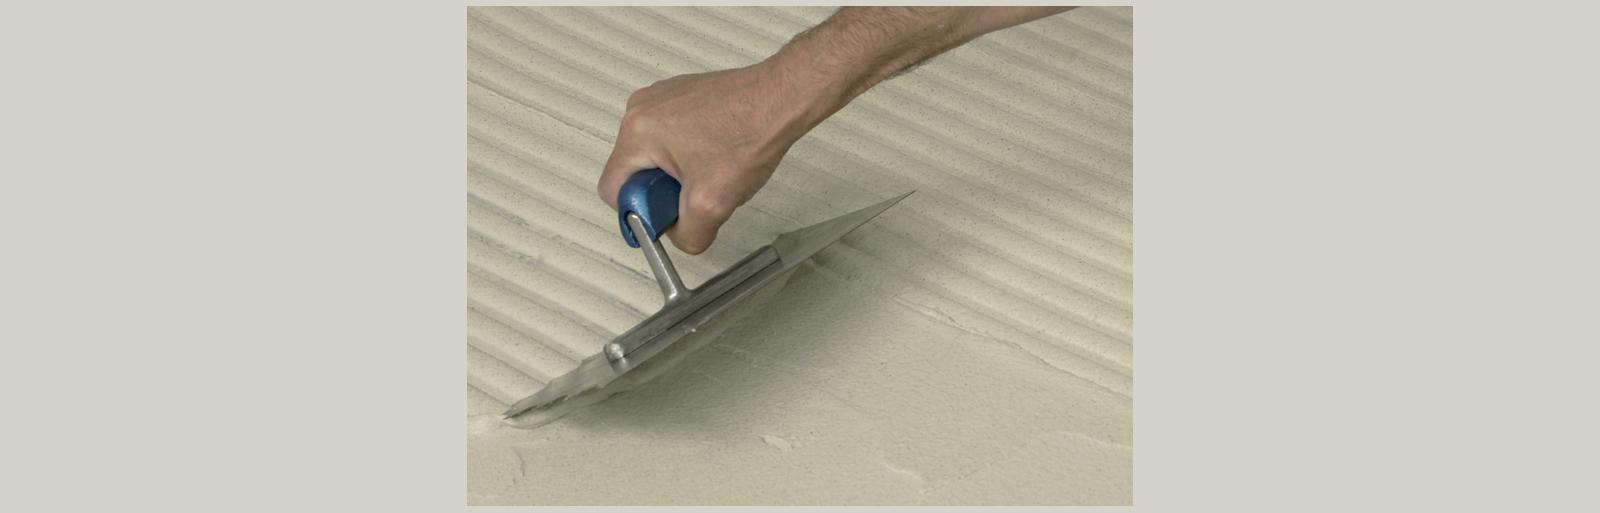 colle cermarmo blanche pour plaquettes de parement en pierre 20 kg. Black Bedroom Furniture Sets. Home Design Ideas